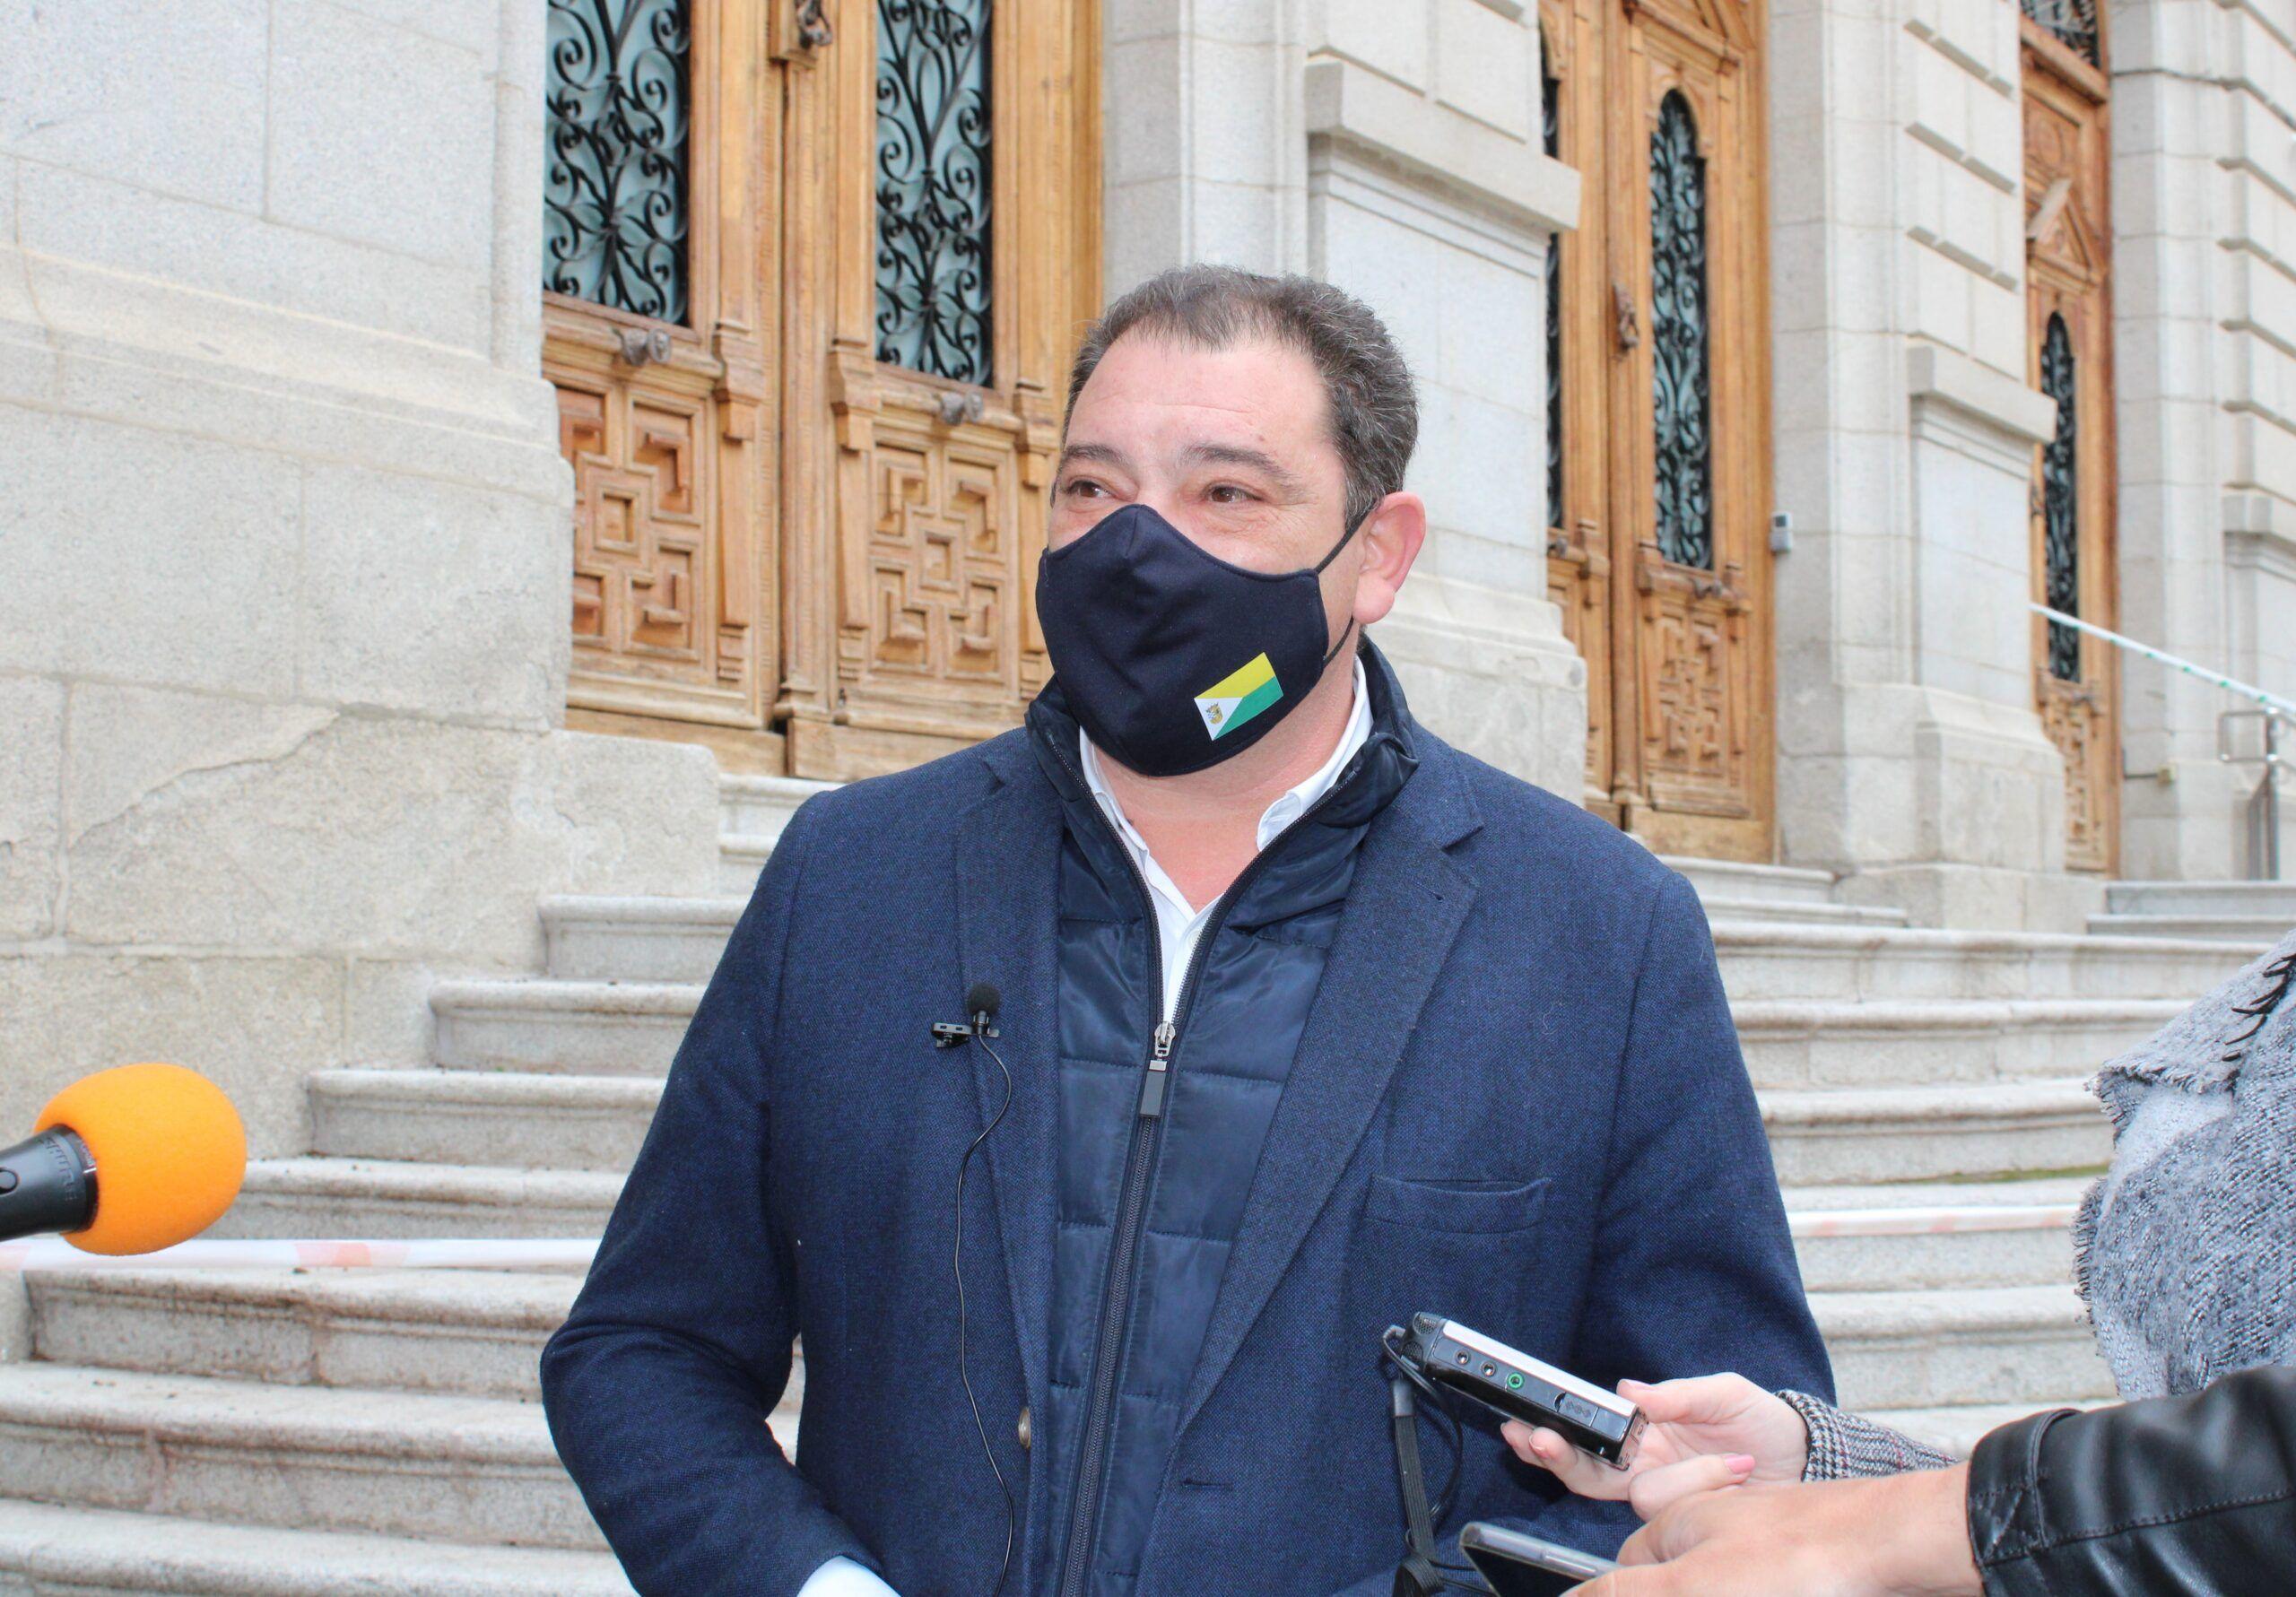 Fernández lamenta que Page siga sin escuchar a los ciudadanos, que piden soluciones para hacer compatible la protección de la salud y la economía